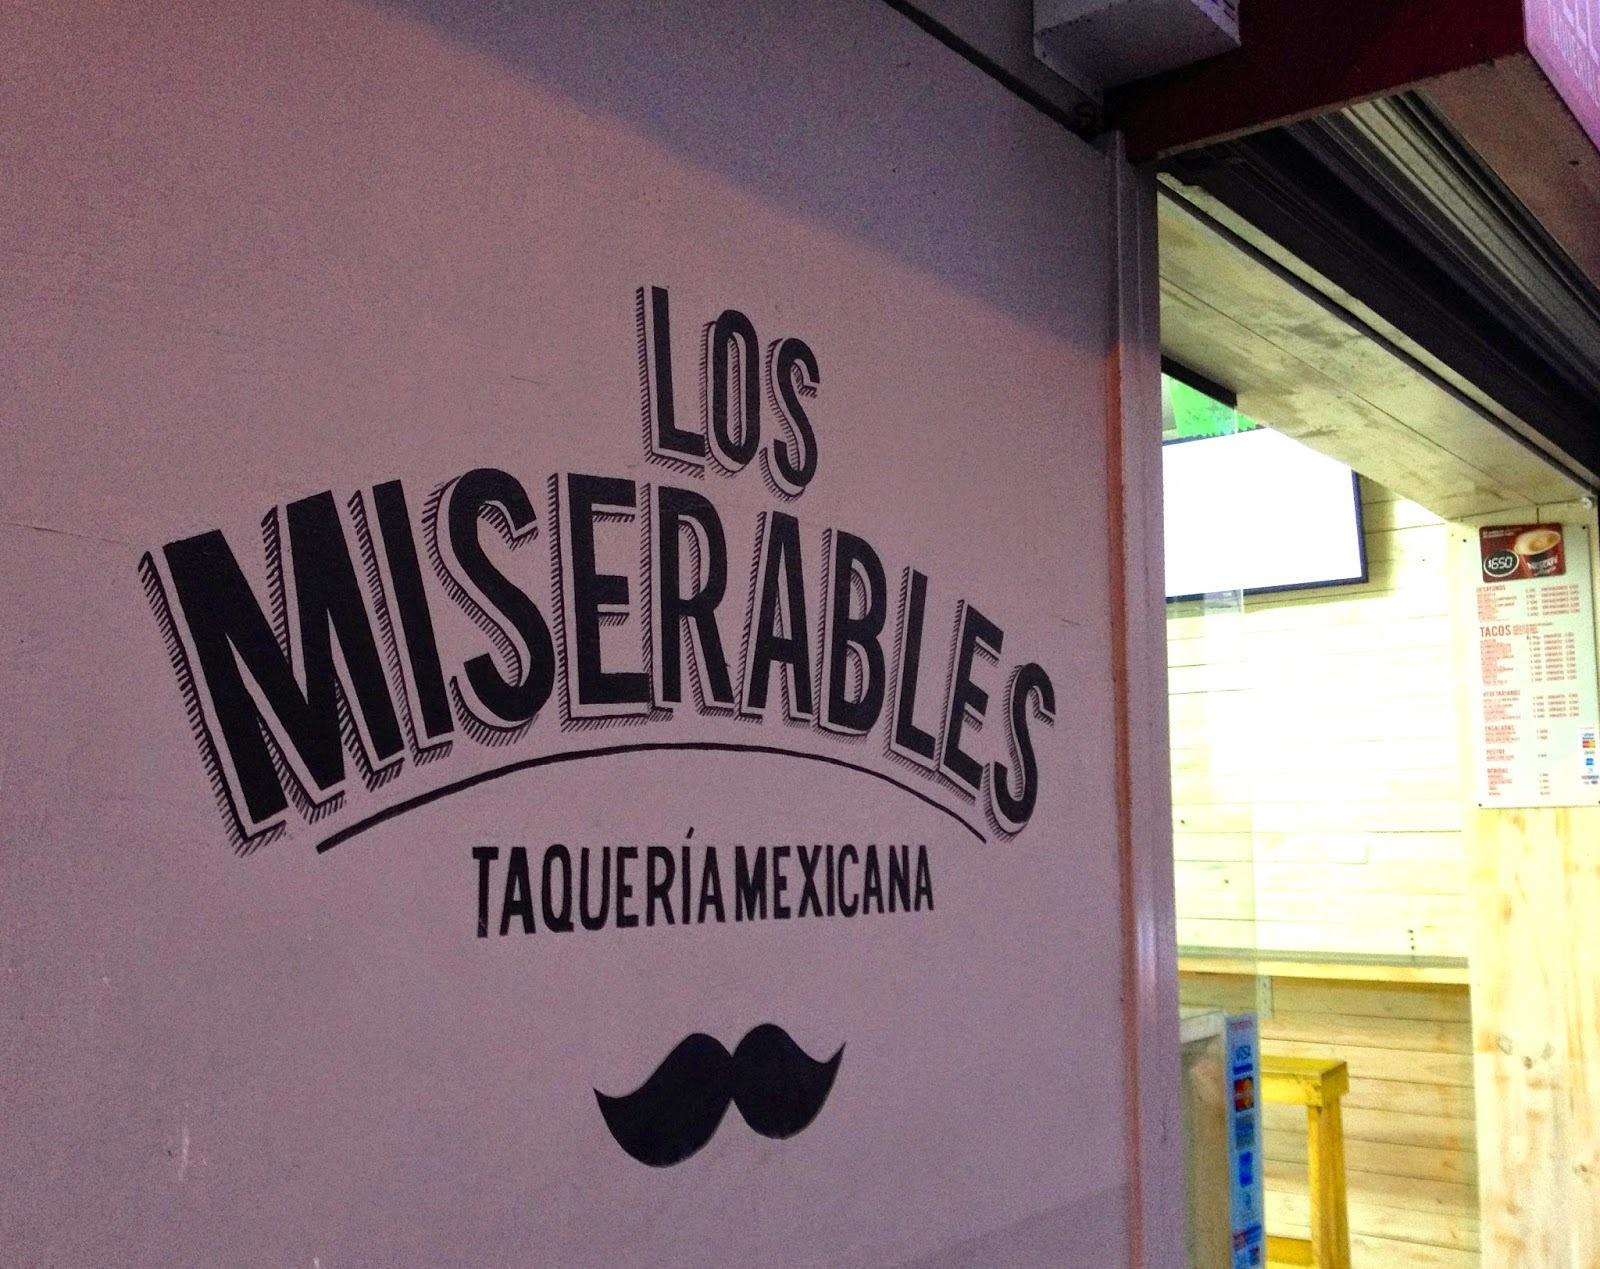 Recomiendo: Los Miserables, Taquería Mexicana (de verdad!)